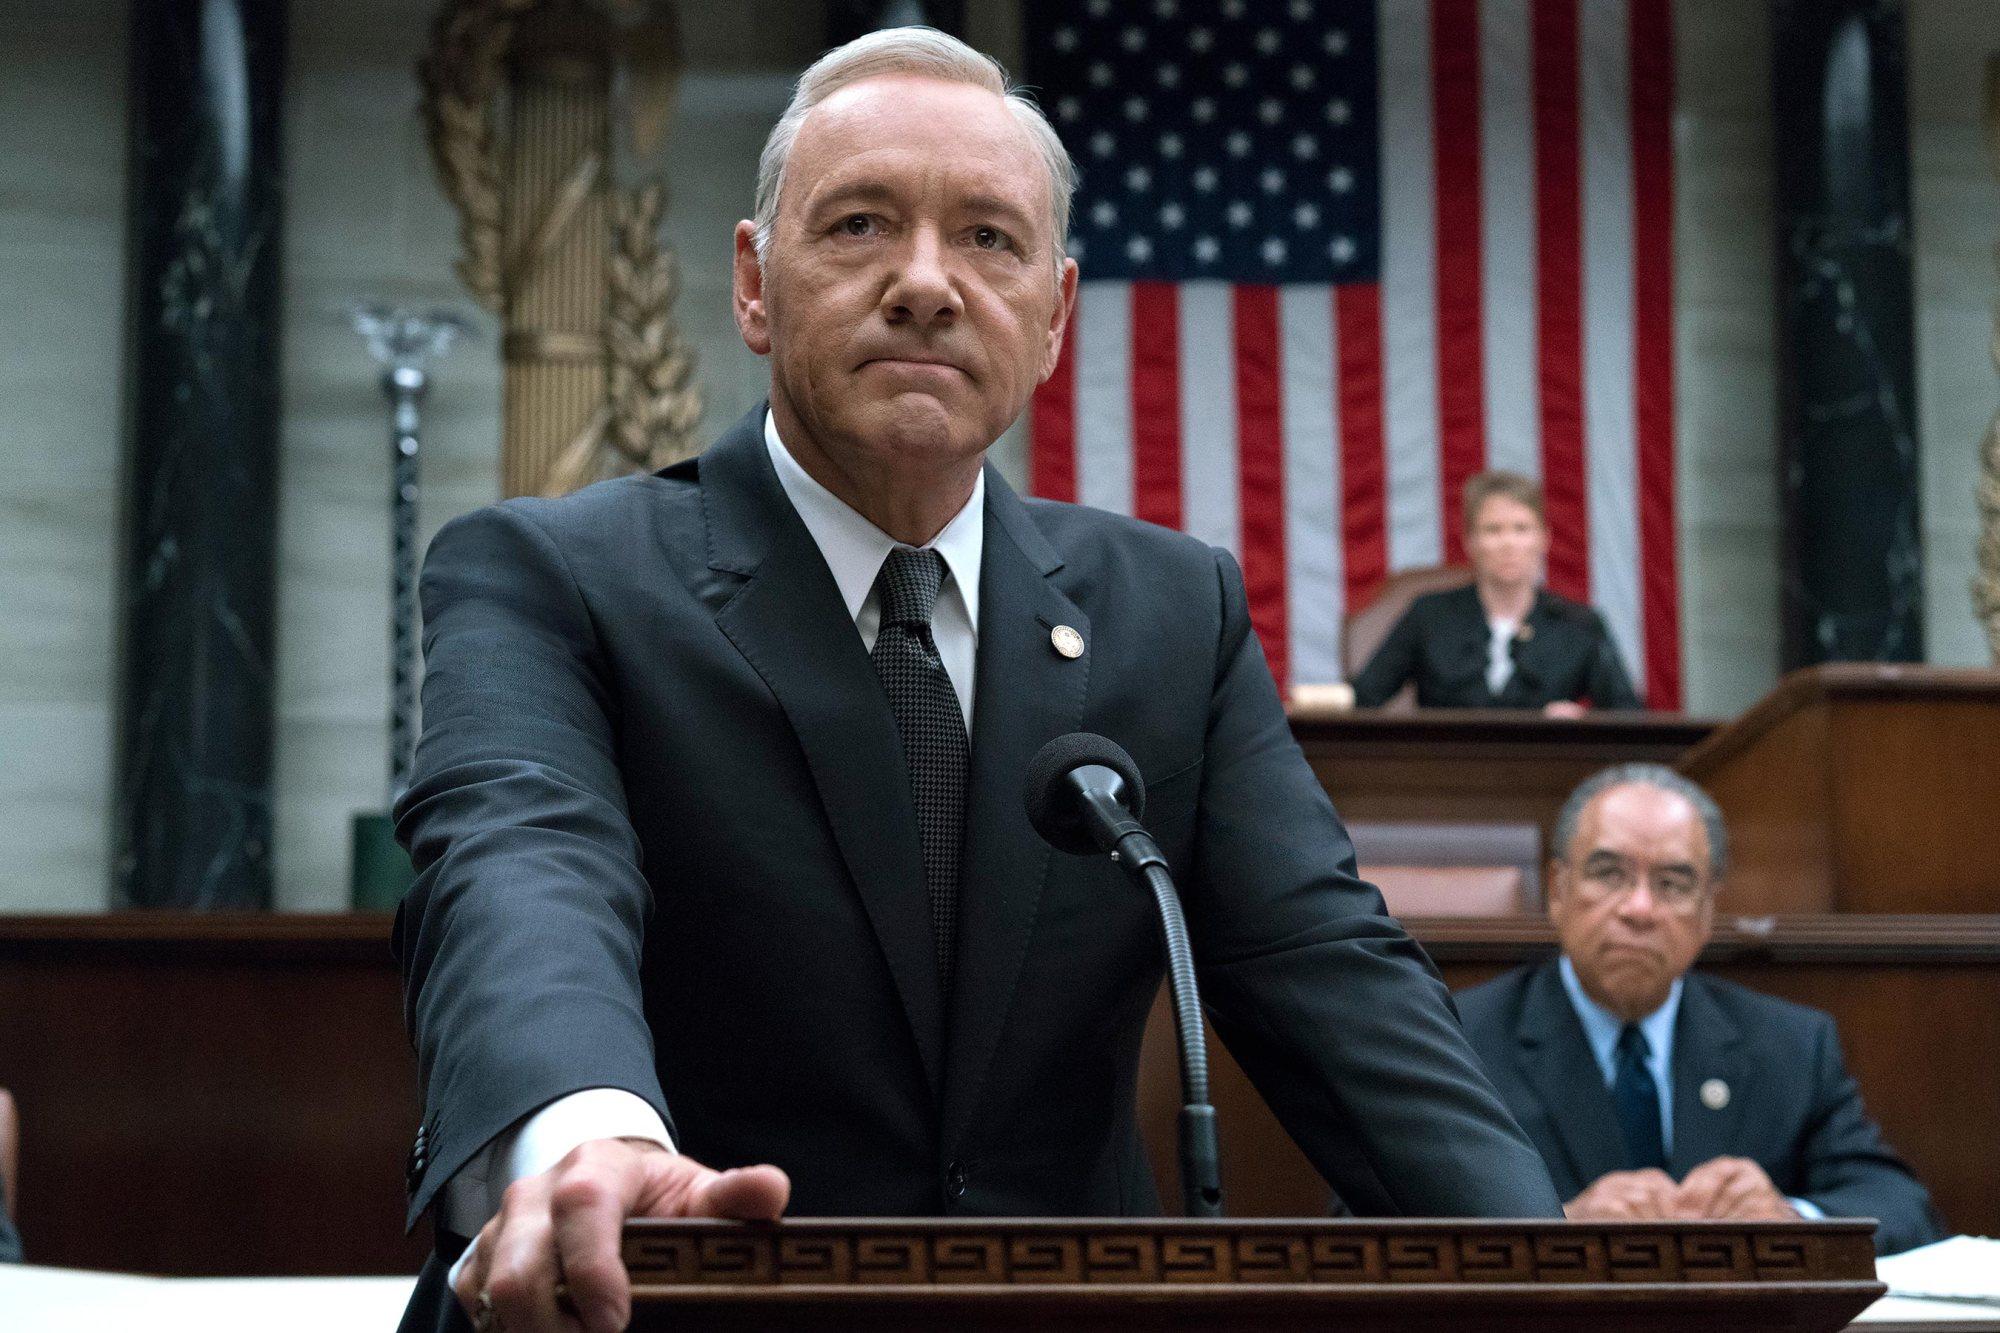 House of Cards: ¿Cuánto perdió Netflix tras la salida de Kevin Spacey?